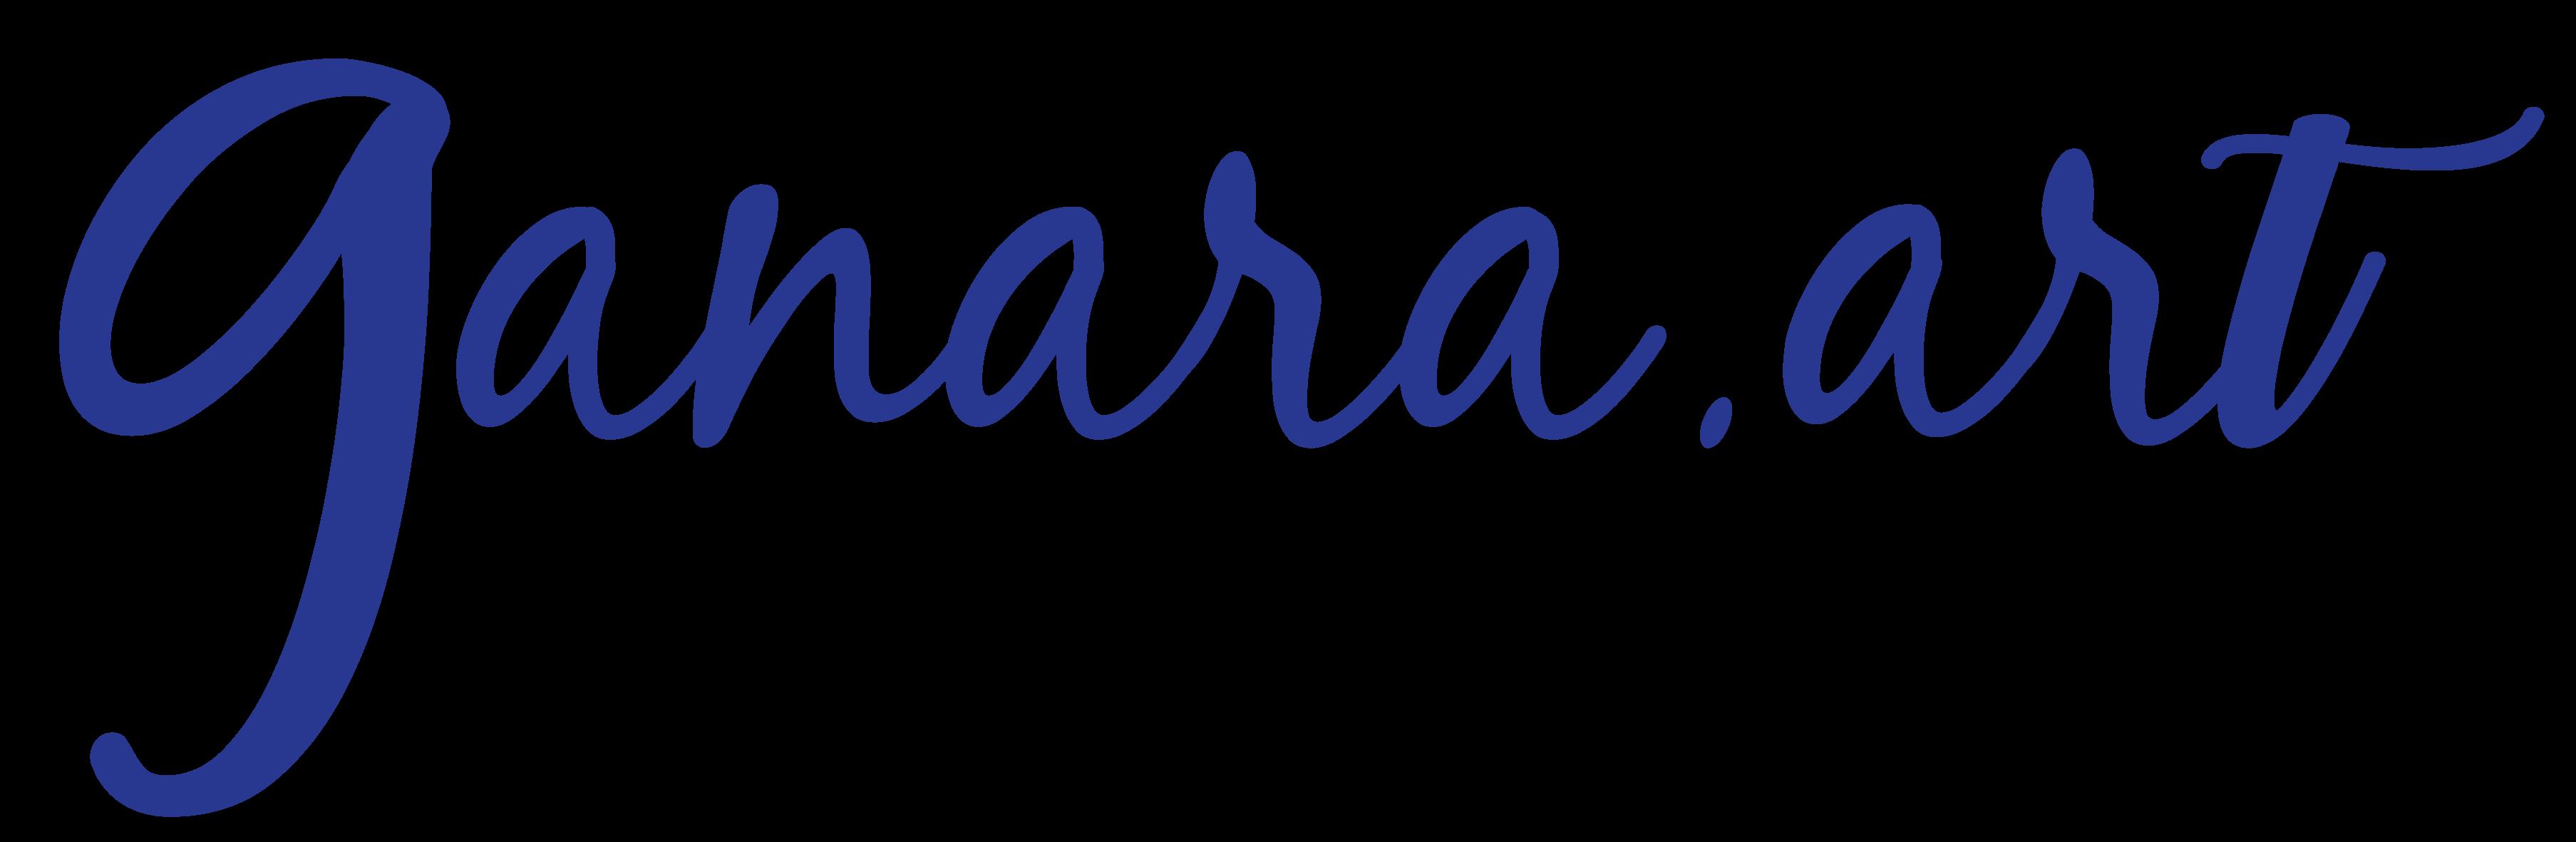 Ganara-ART-01